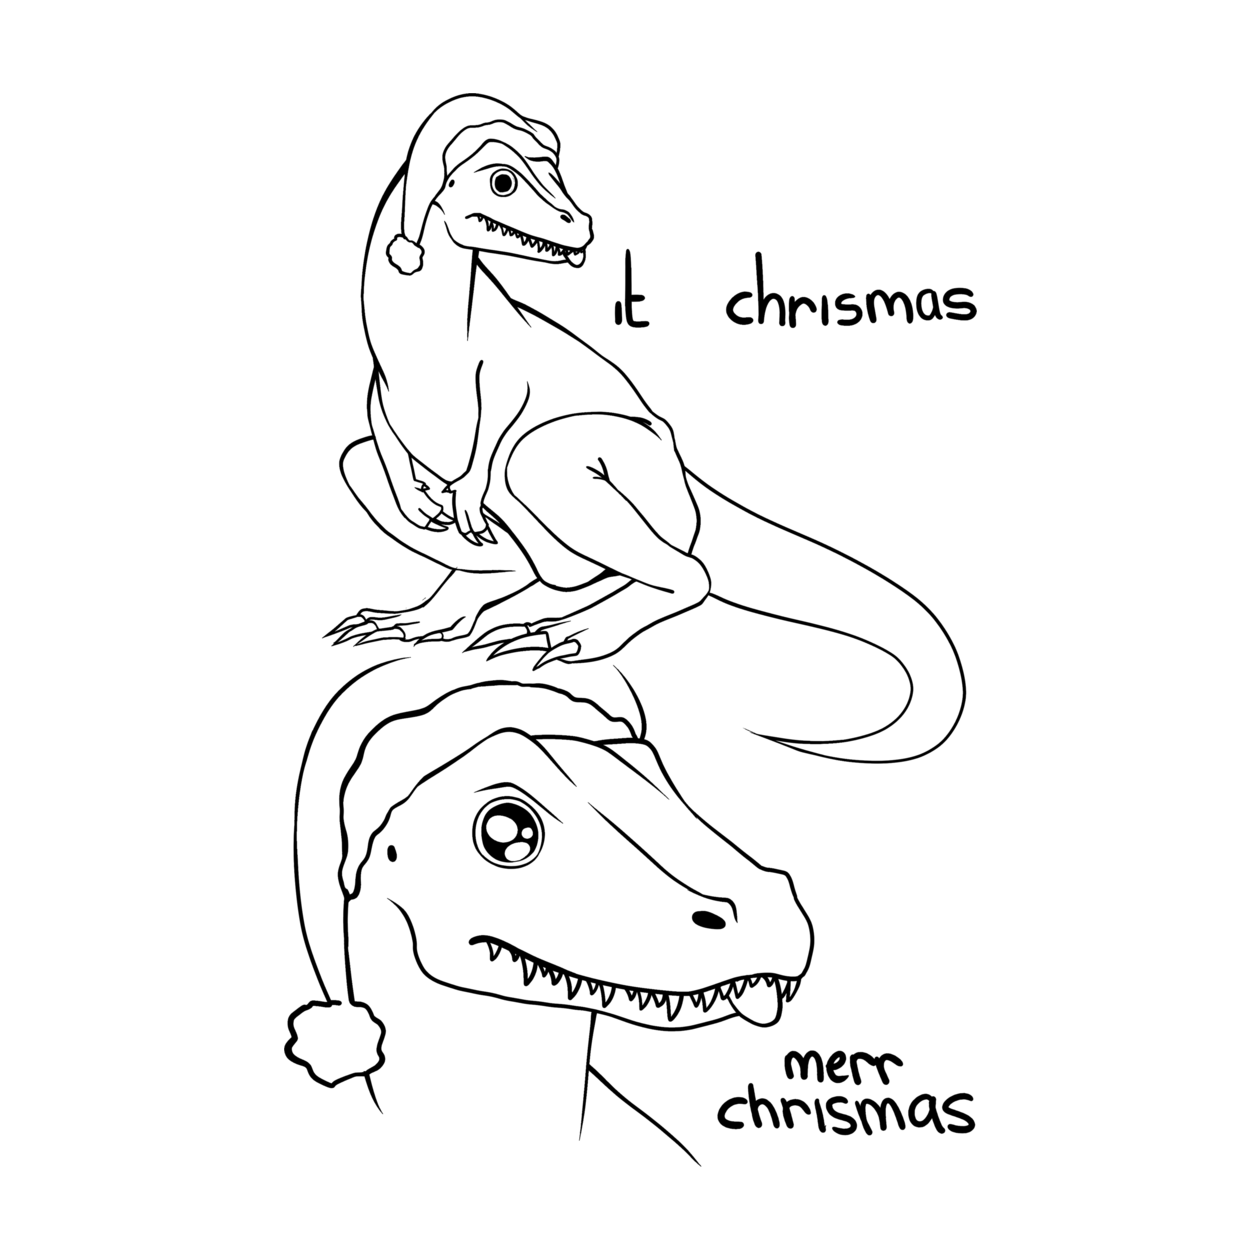 Merr Christmas, everyone! : Sneks